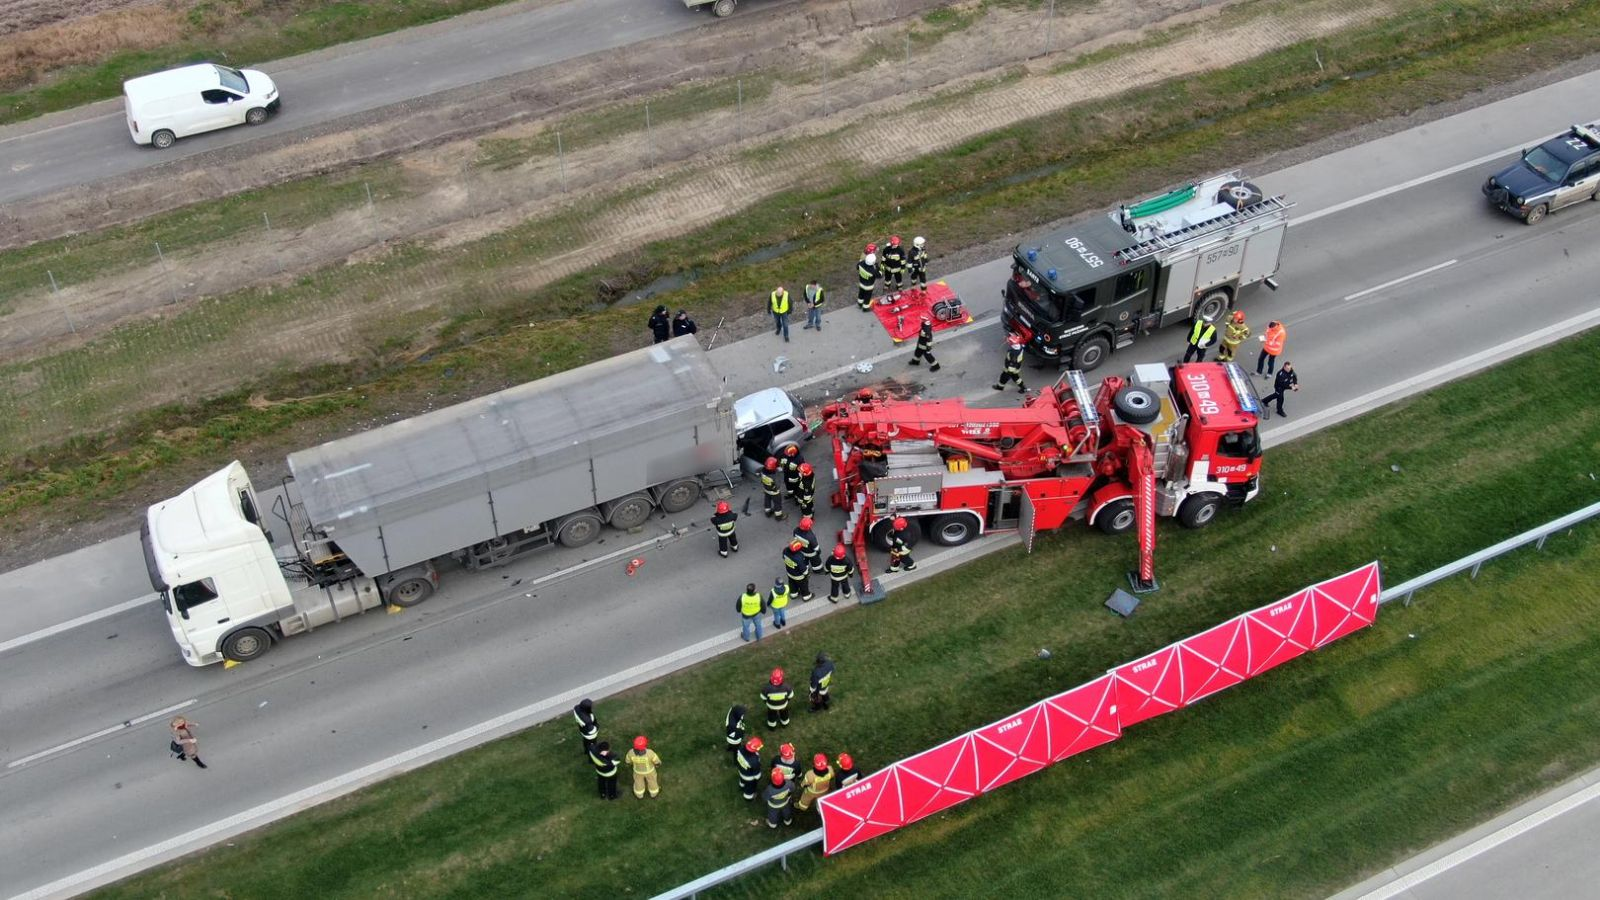 Не разминулись. В Польше авто с украинцами столкнулось с грузовиком. Есть погибшие